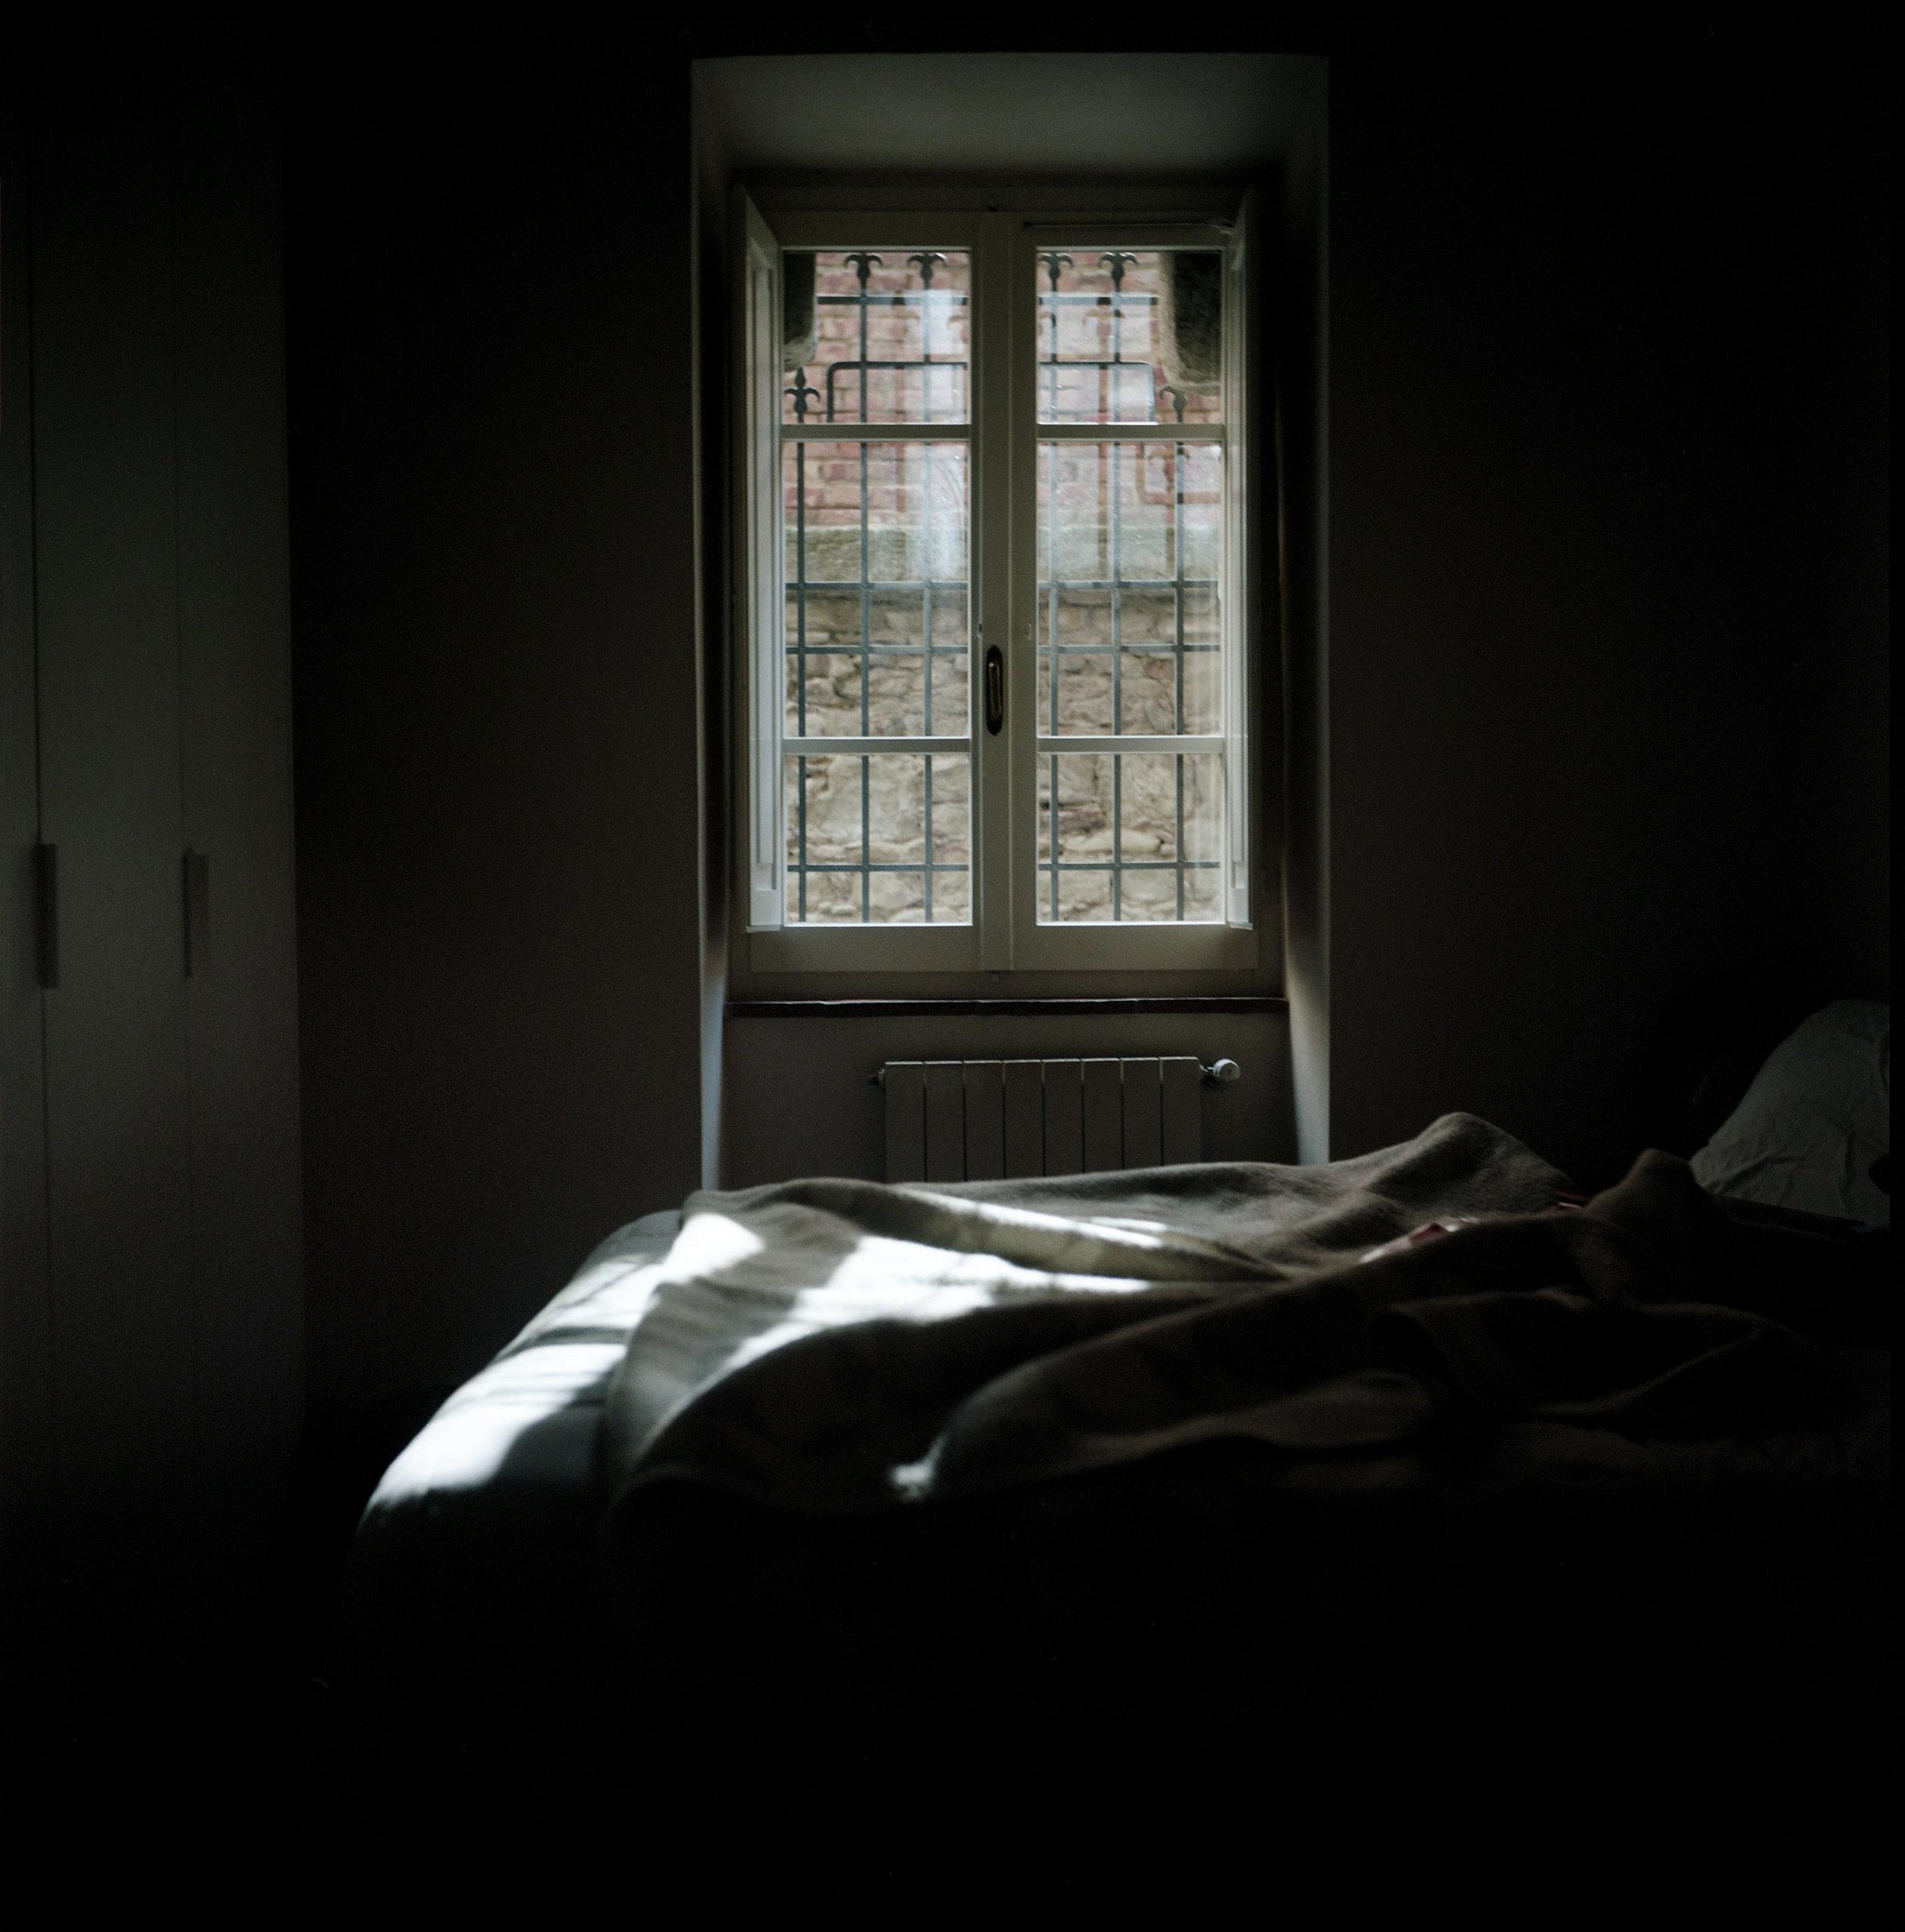 Bed, Cortona, Italy